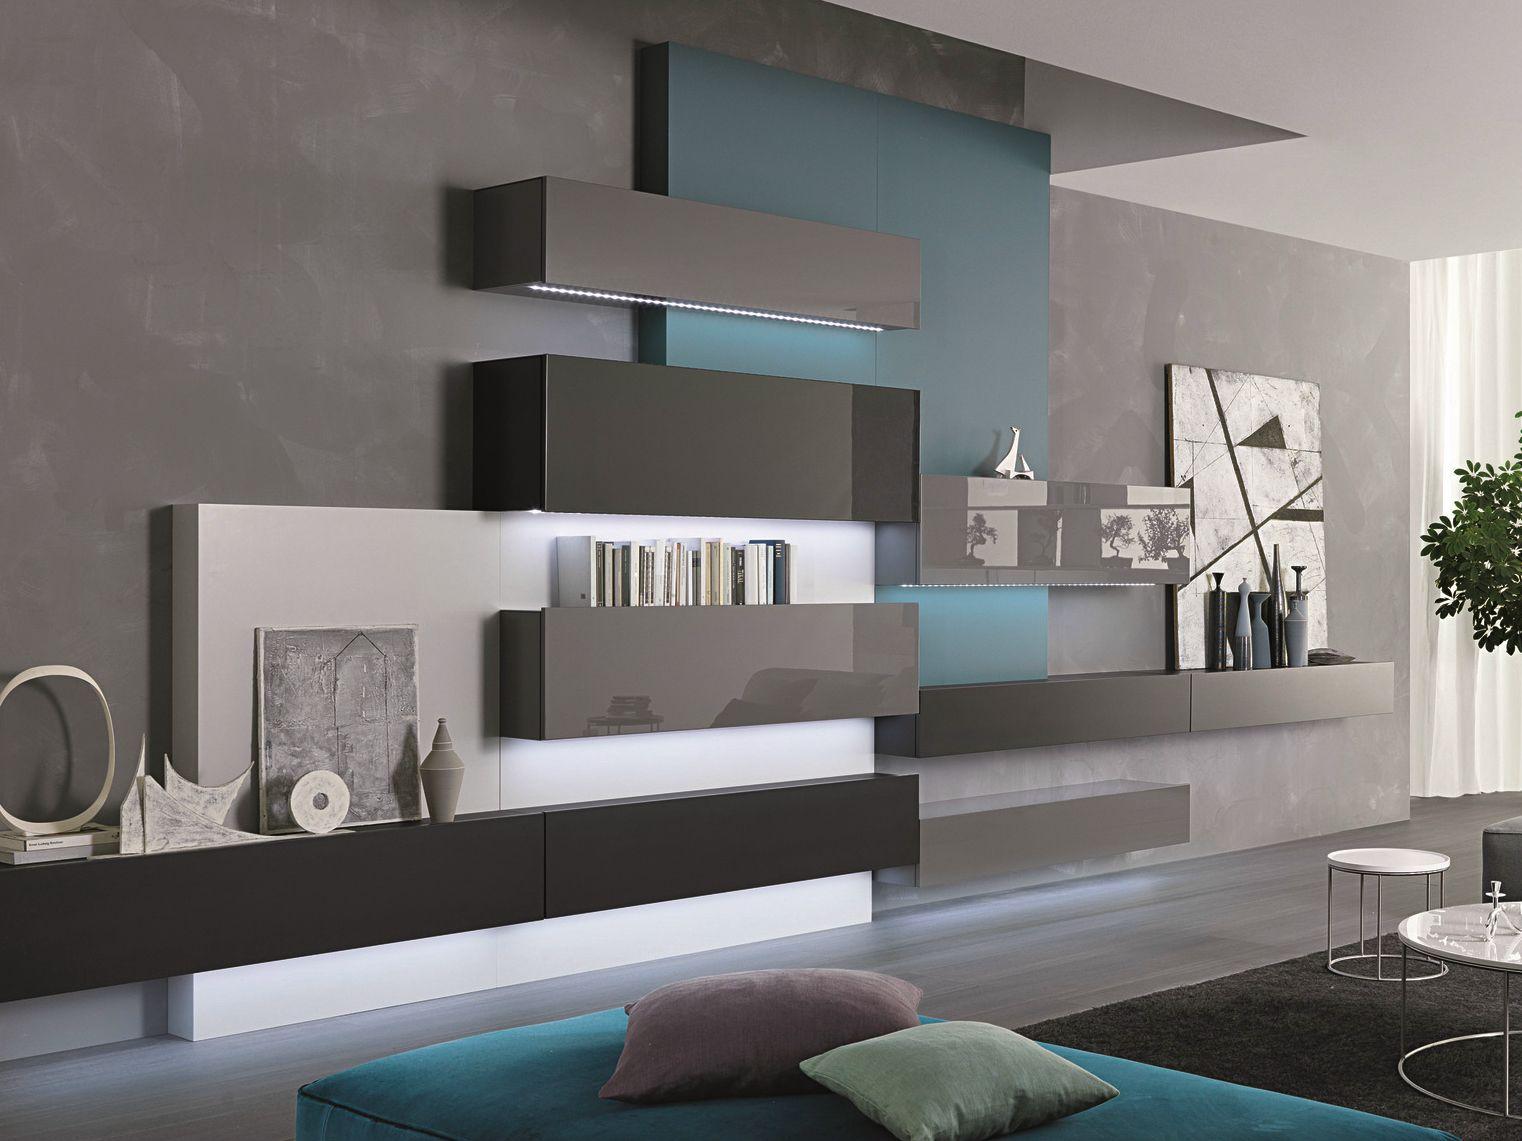 Pareti soggiorno con scrivania : parete soggiorno con scrivania ...